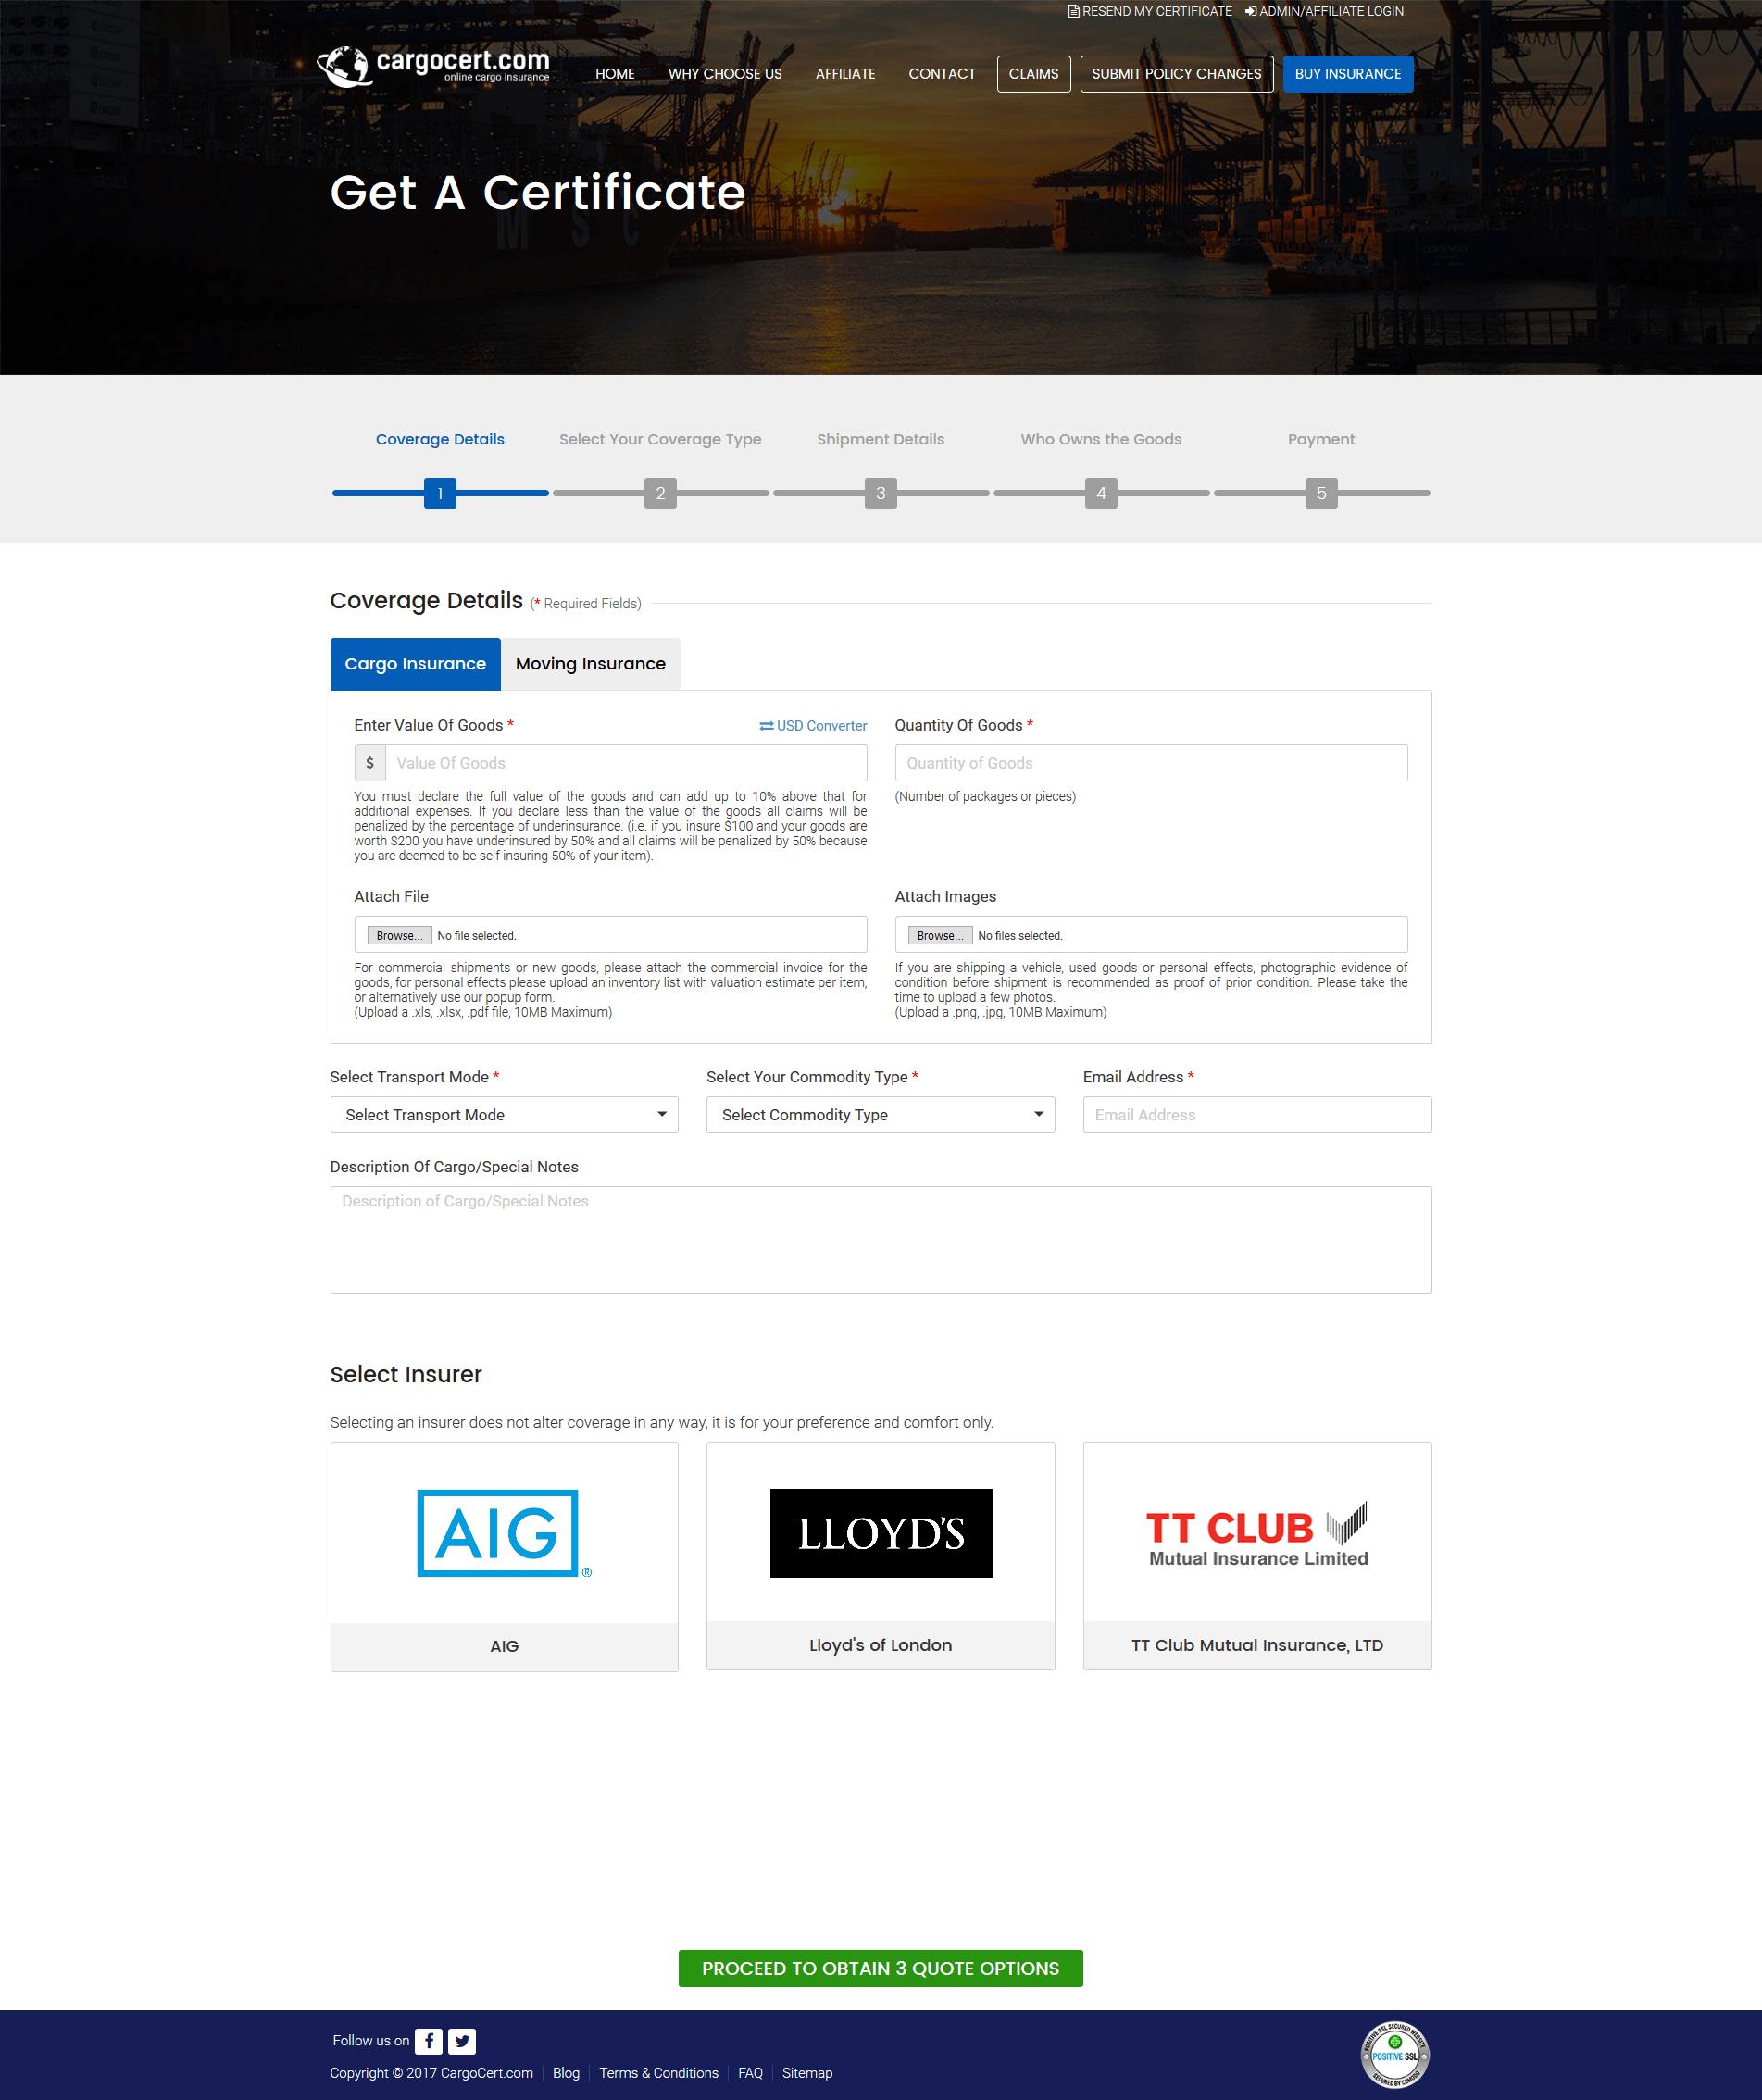 Get a certificate